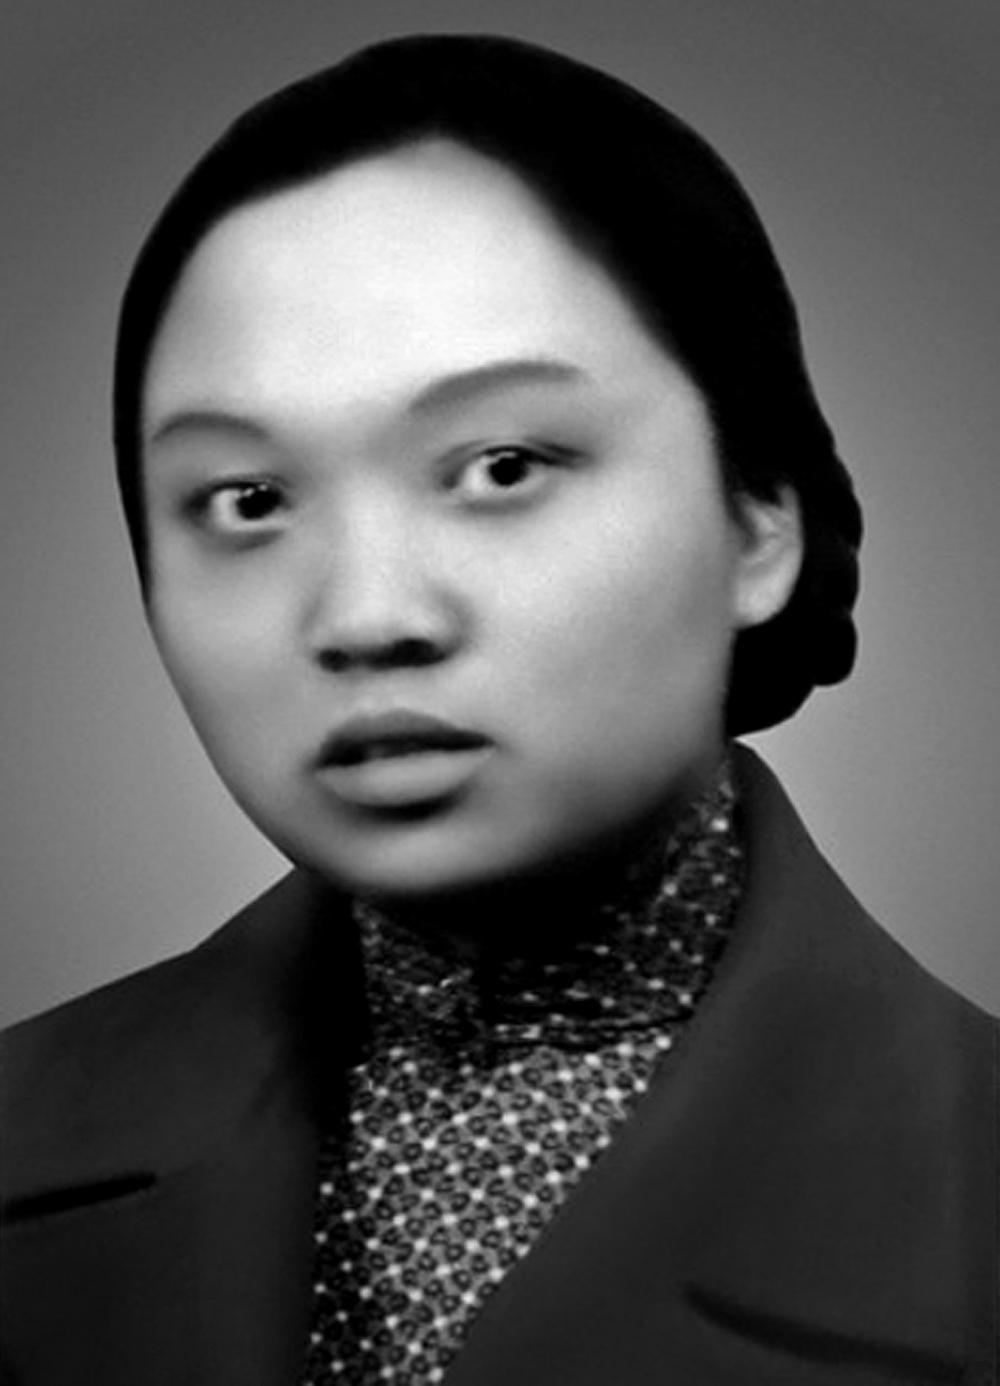 Người dân xứ trầu Bà Điểm  nay vẫn nhớ những kỷ niệm  với cô Minh Khai